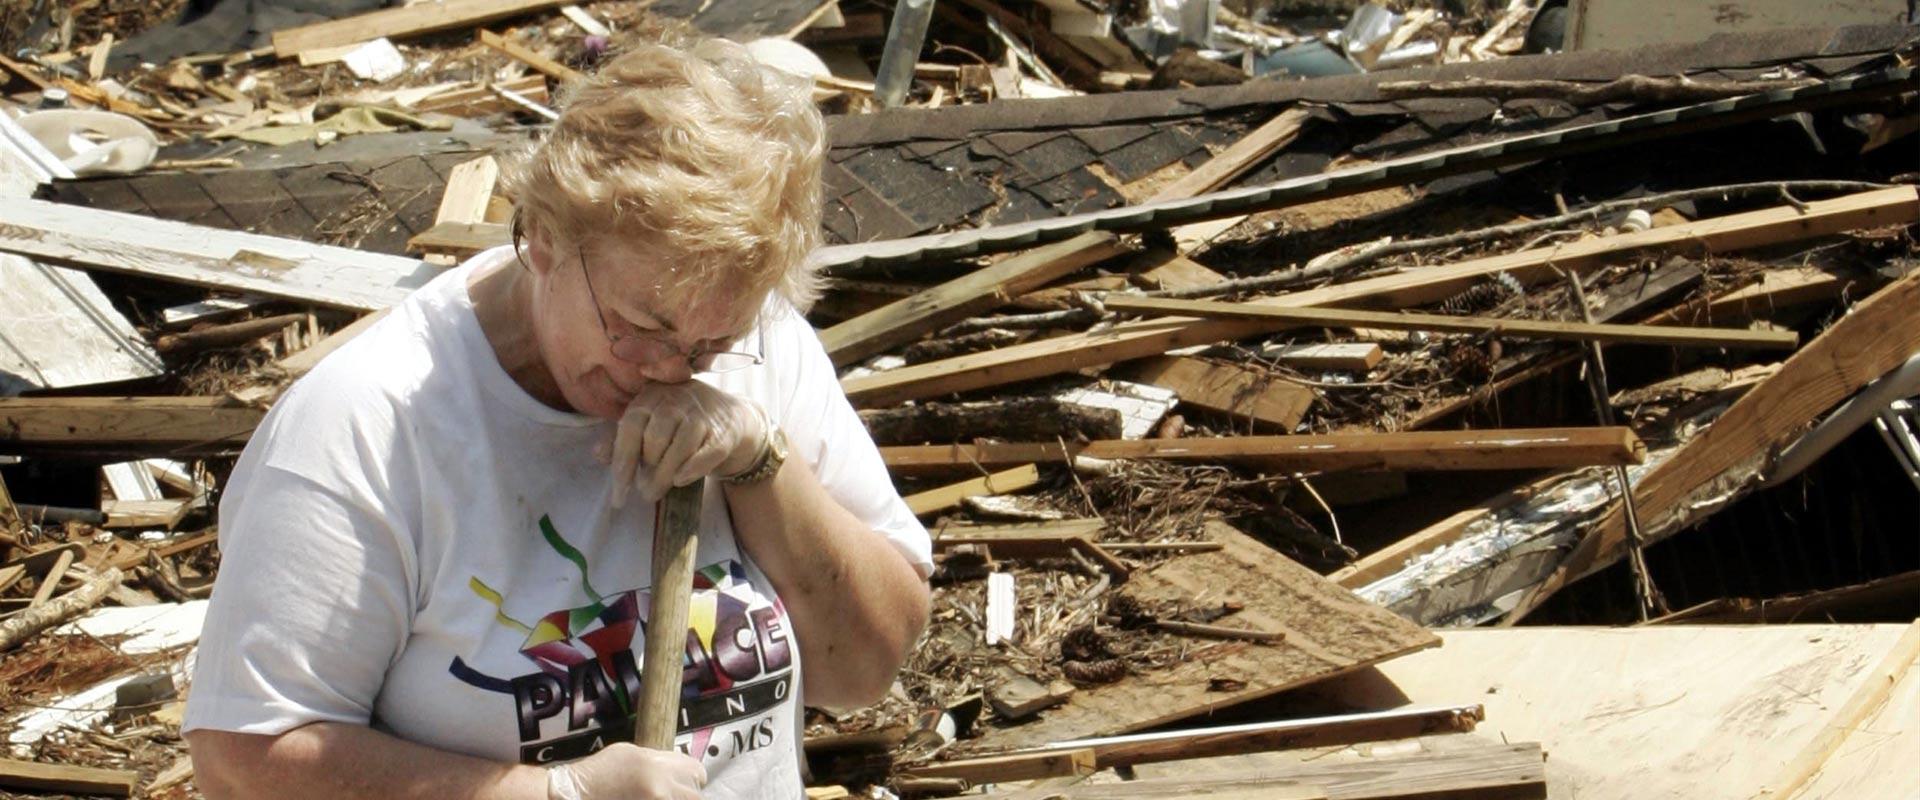 אישה בוכה על הרס ביתה אחרי הוריקן קתרינה / צילום: רויטרס